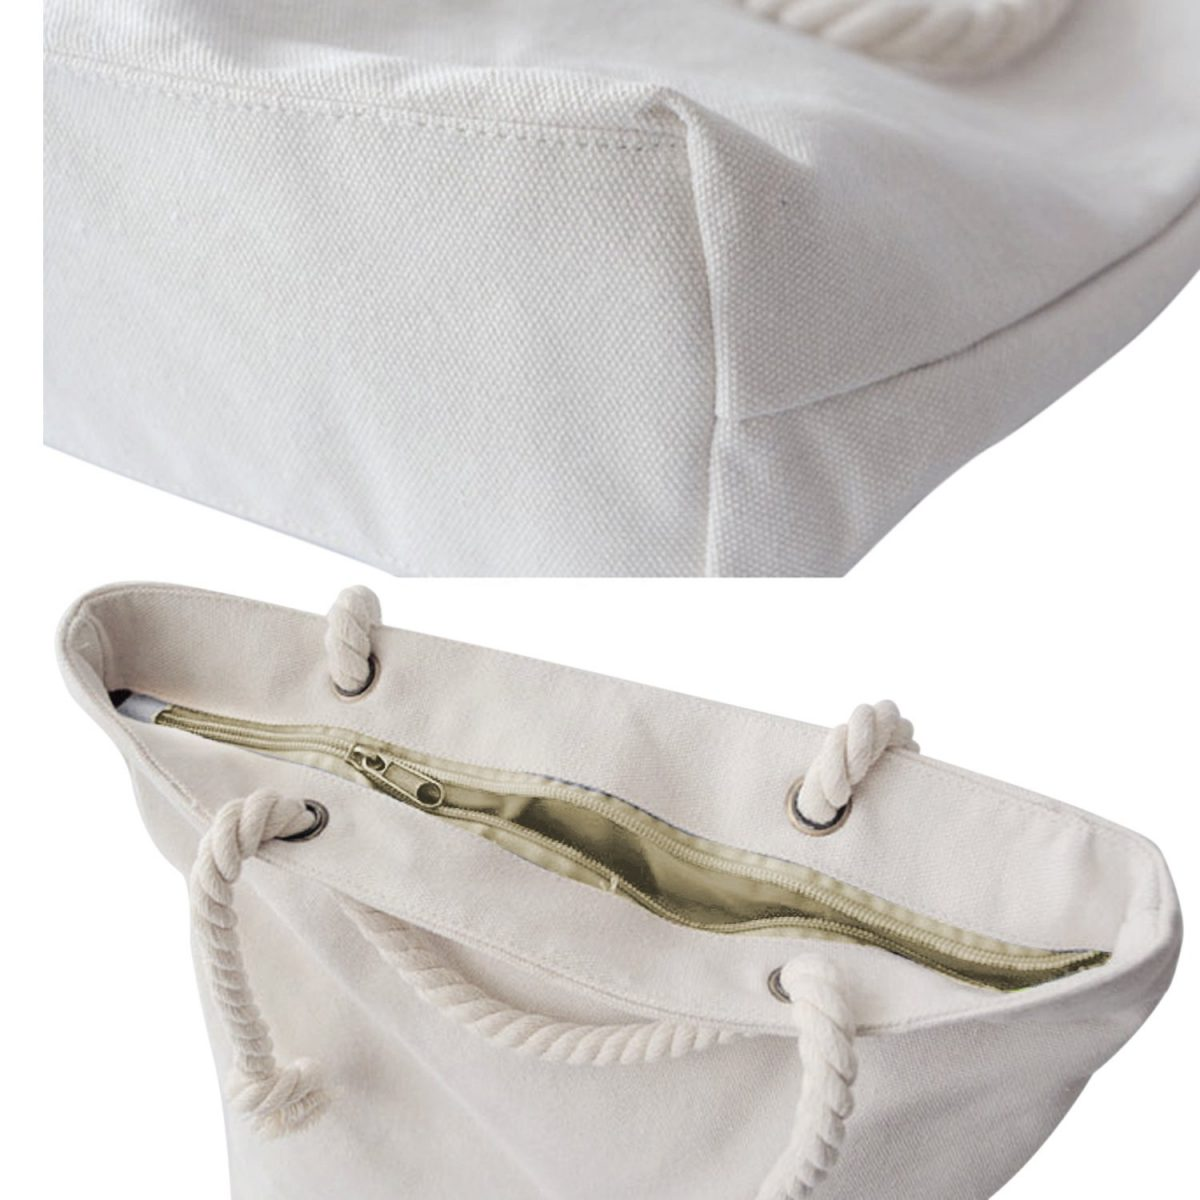 Unicorn Desenli Dijital Baskılı Fermuarlı Kumaş Çanta Realhomes